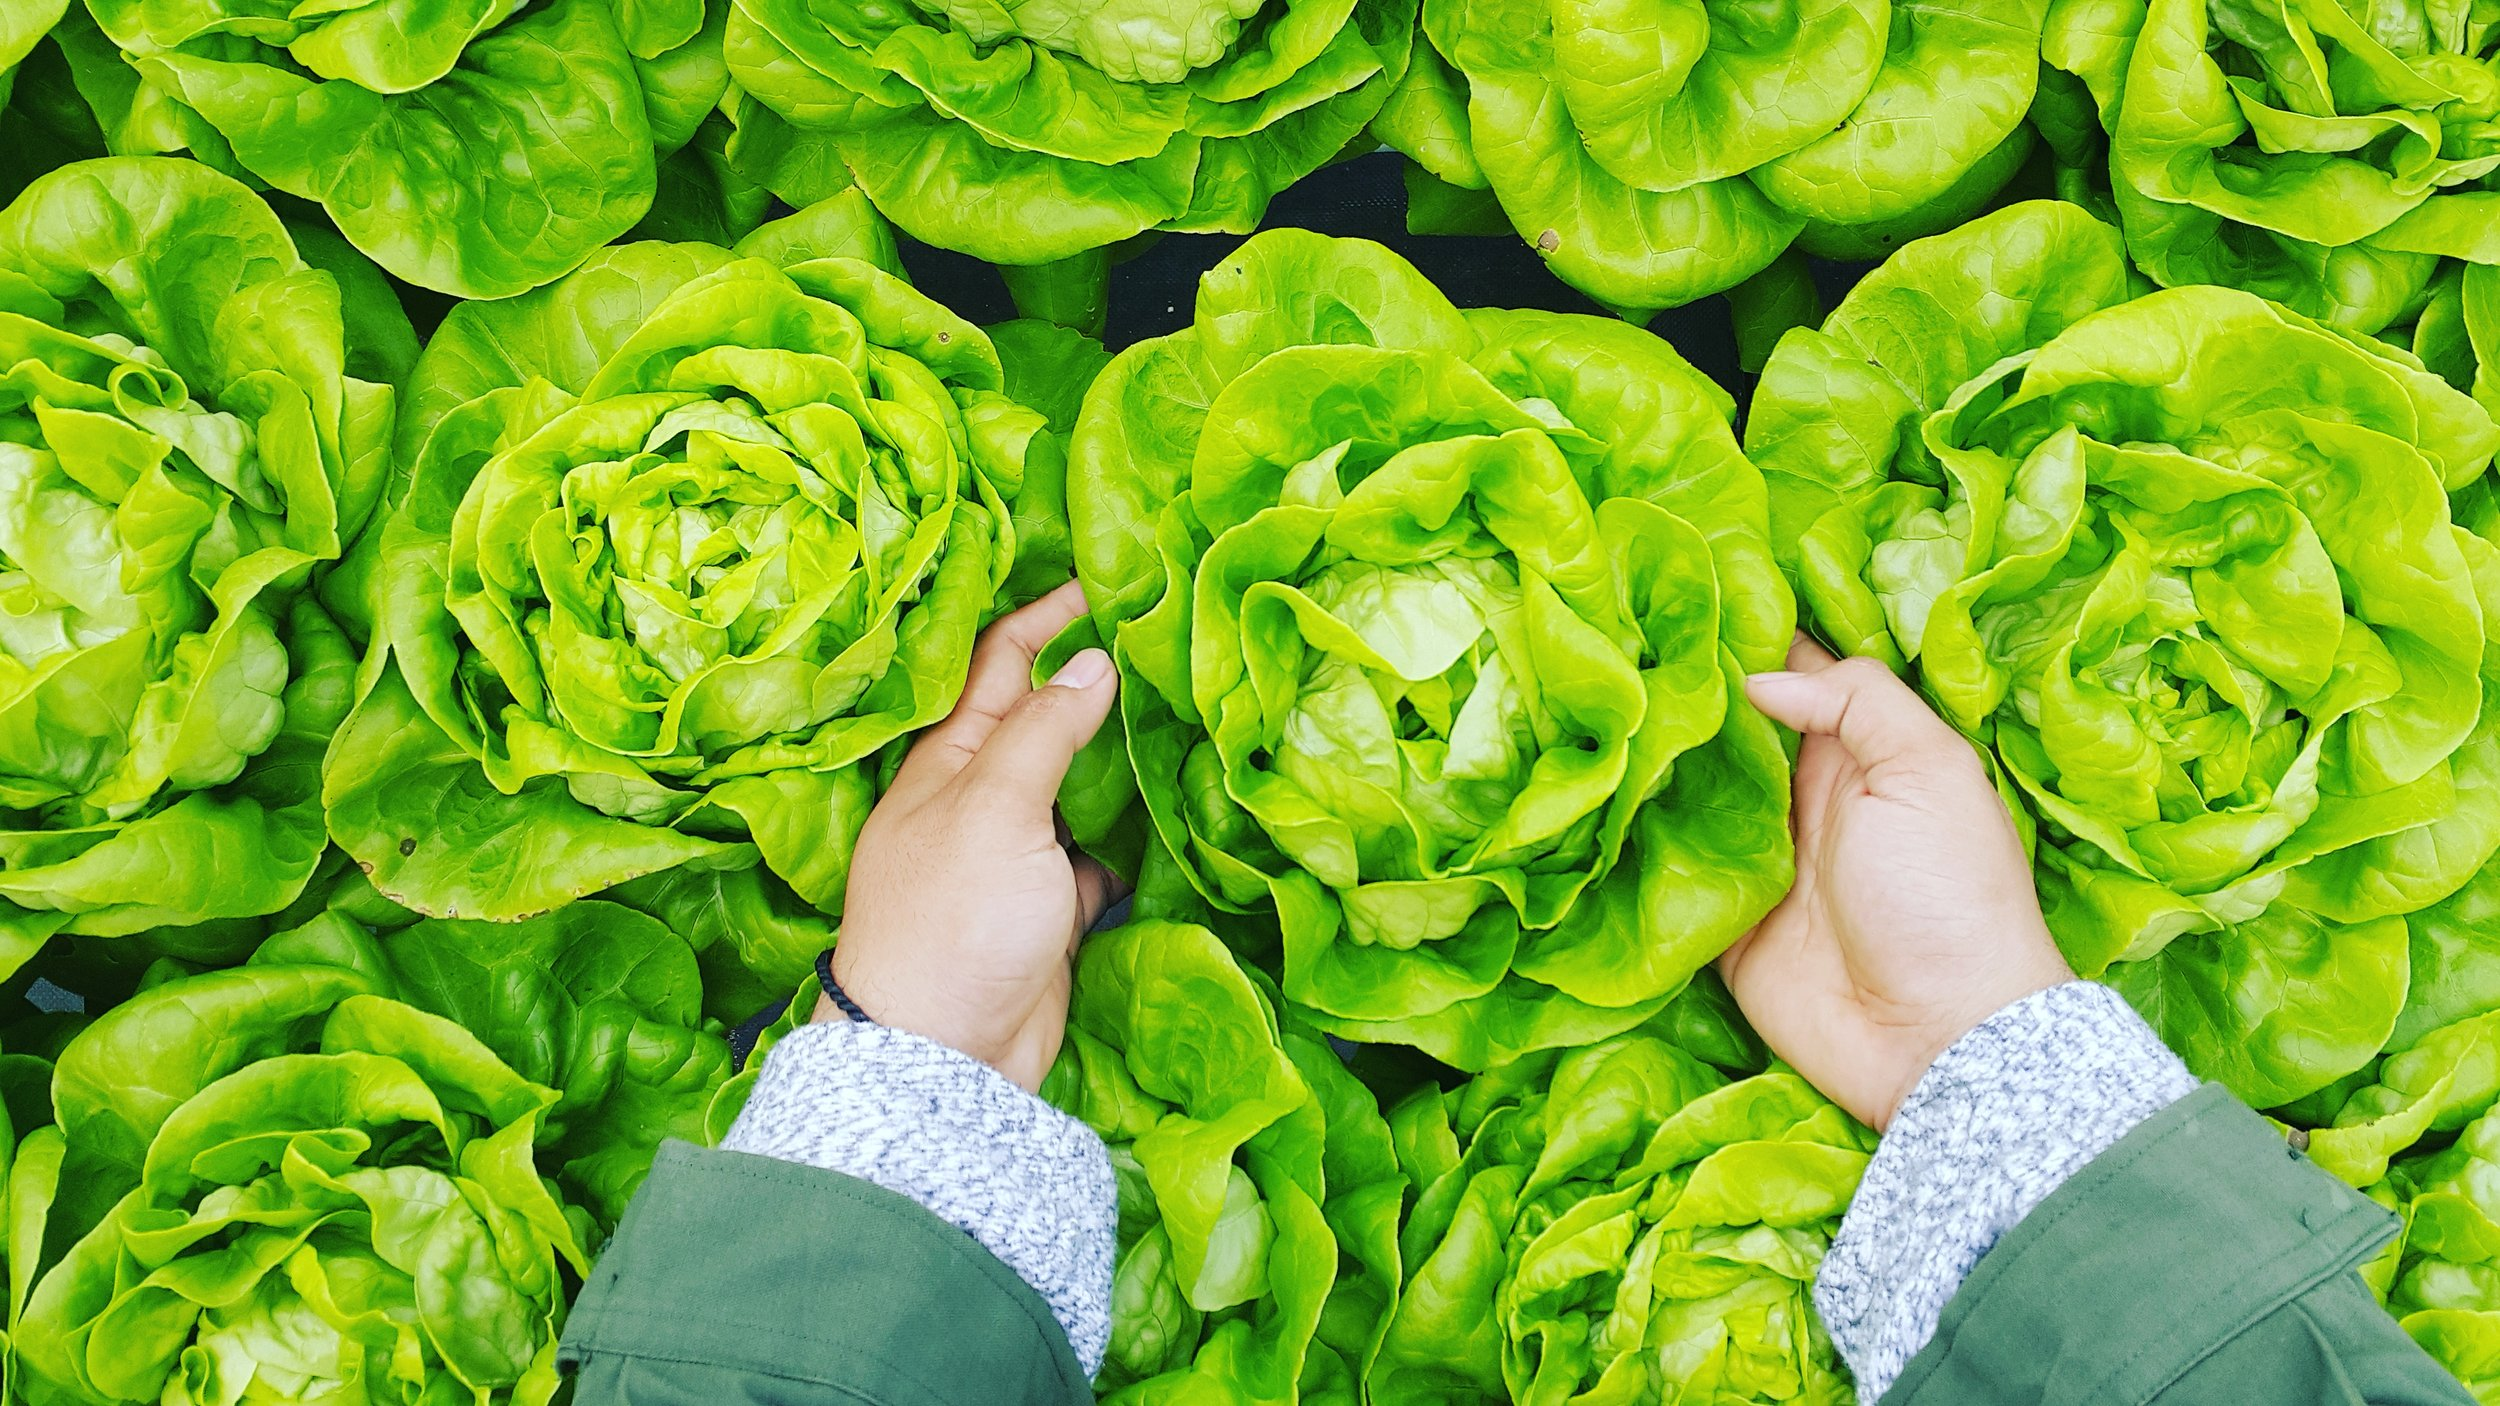 Allgemein gilt: Je mehr von Grünem, desto besser.